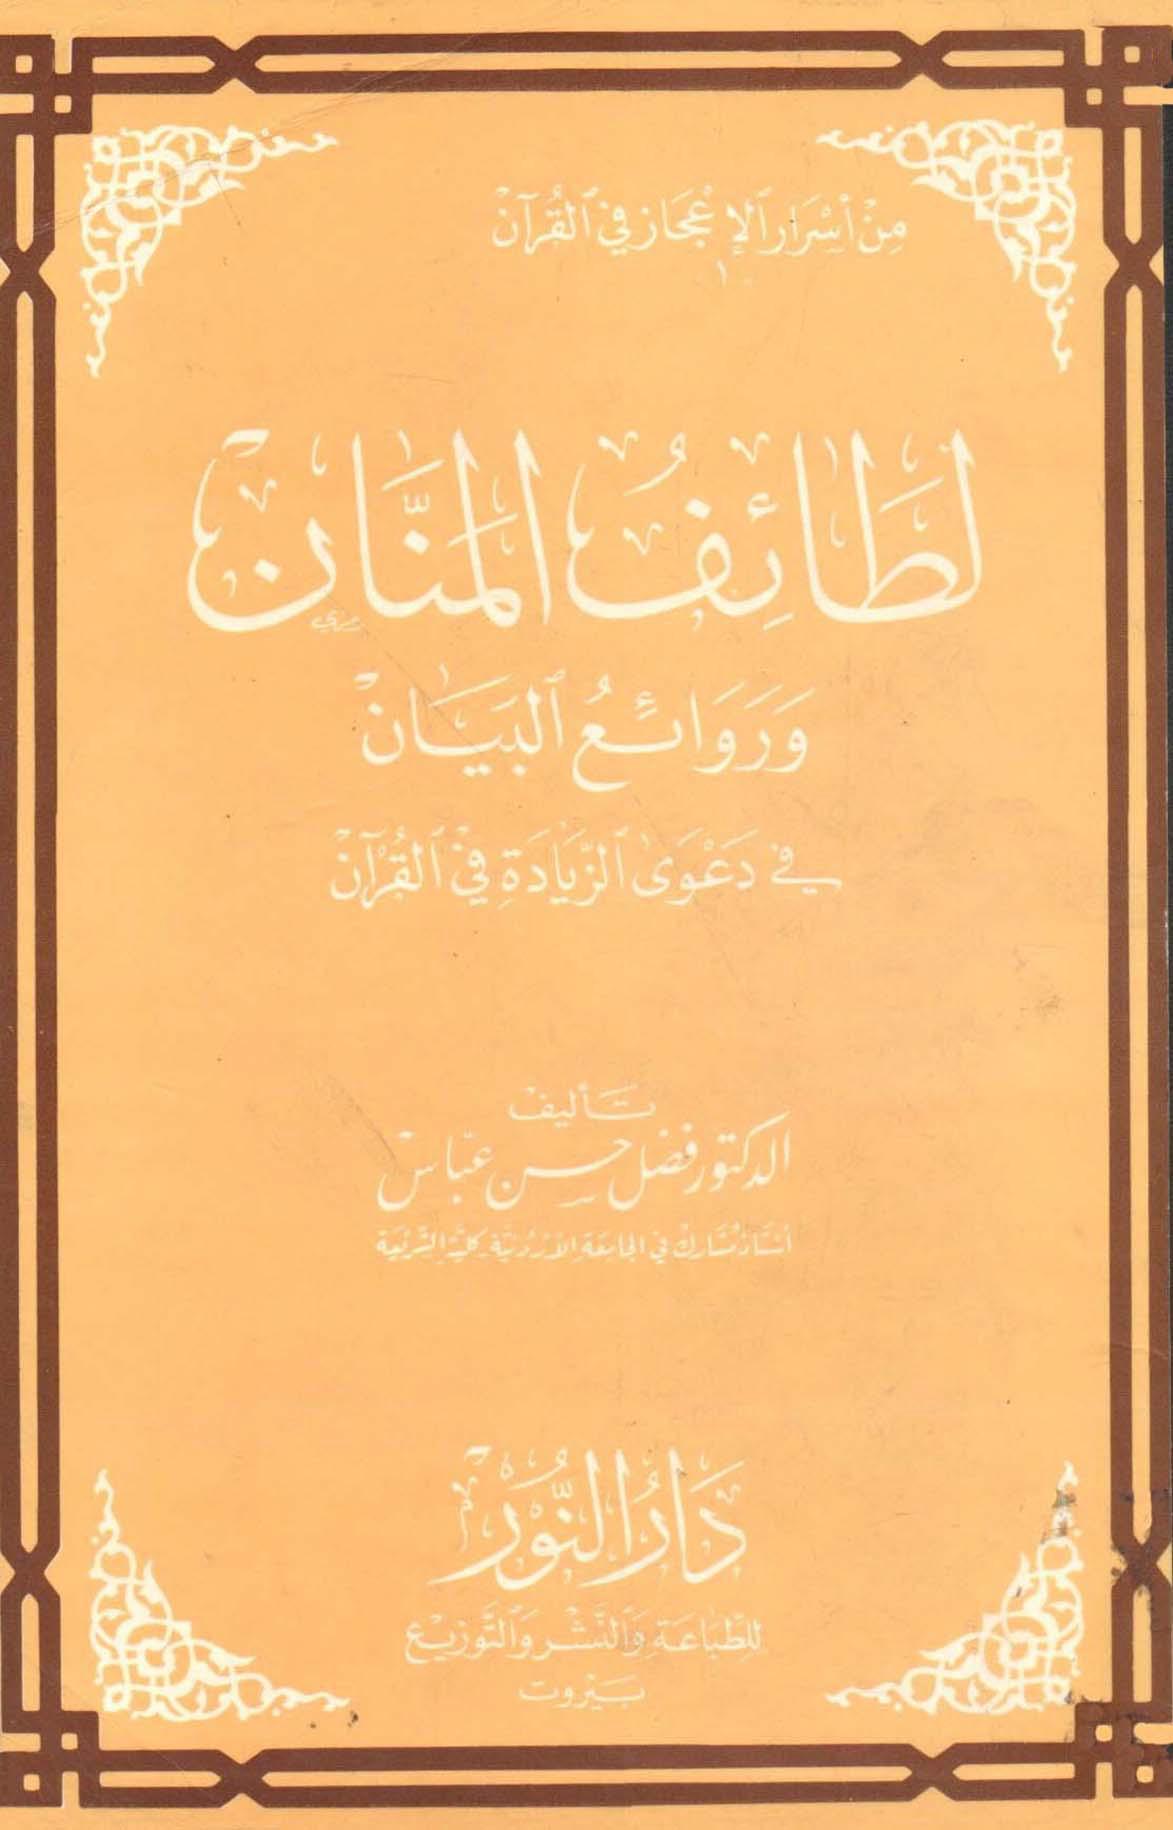 تحميل كتاب لطائف المنان وروائع البيان في دعوى الزيادة في القرآن لـِ: الدكتور أبو محمد فضل حسن عباس (ت 1432)